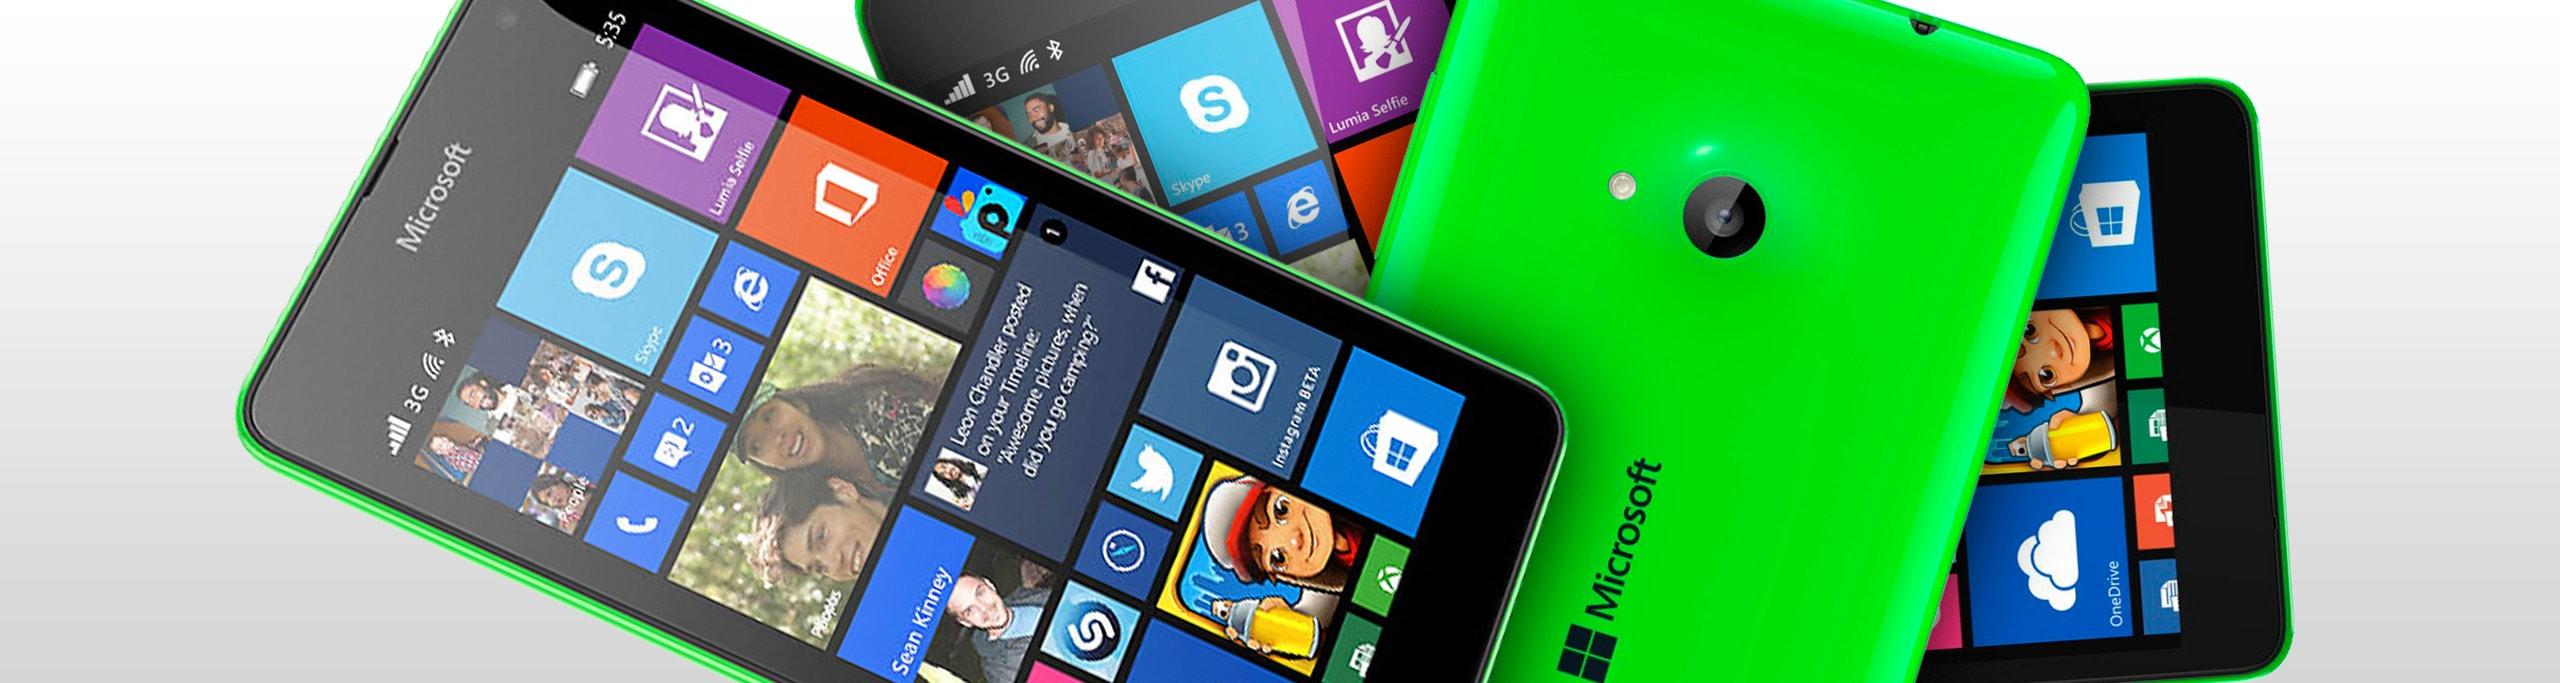 Lumia 535 (RM-1089/1090)